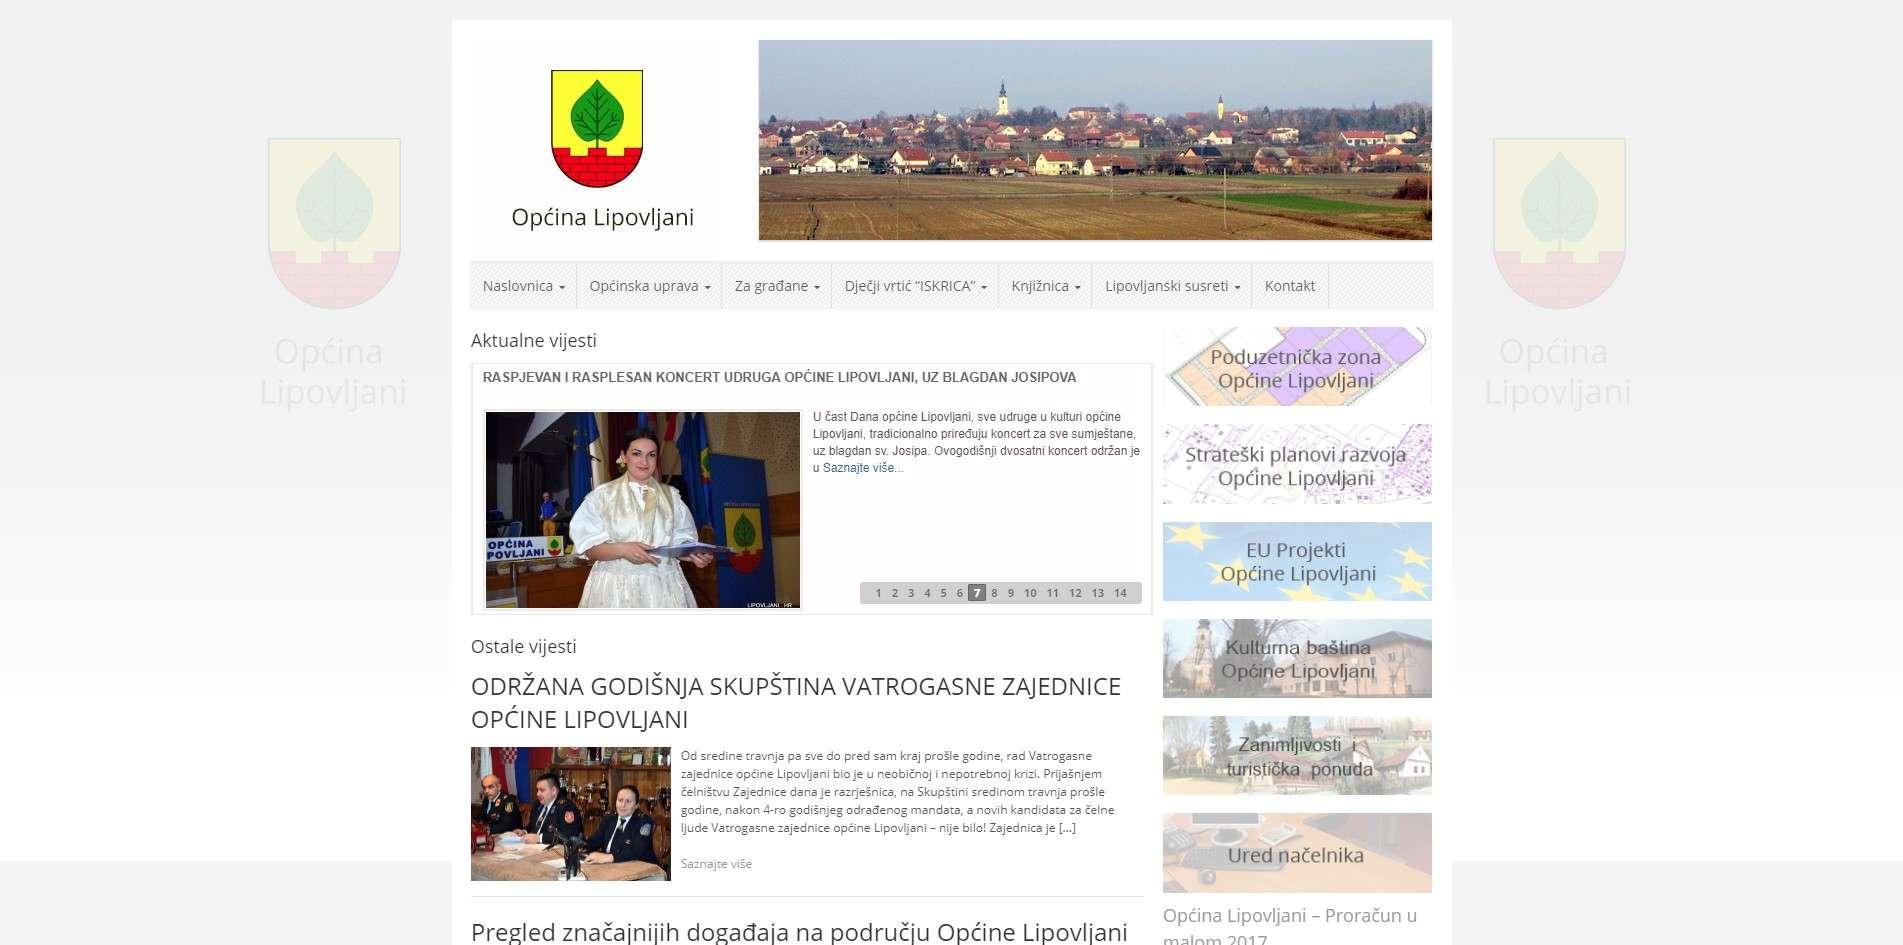 Općina Lipovljani